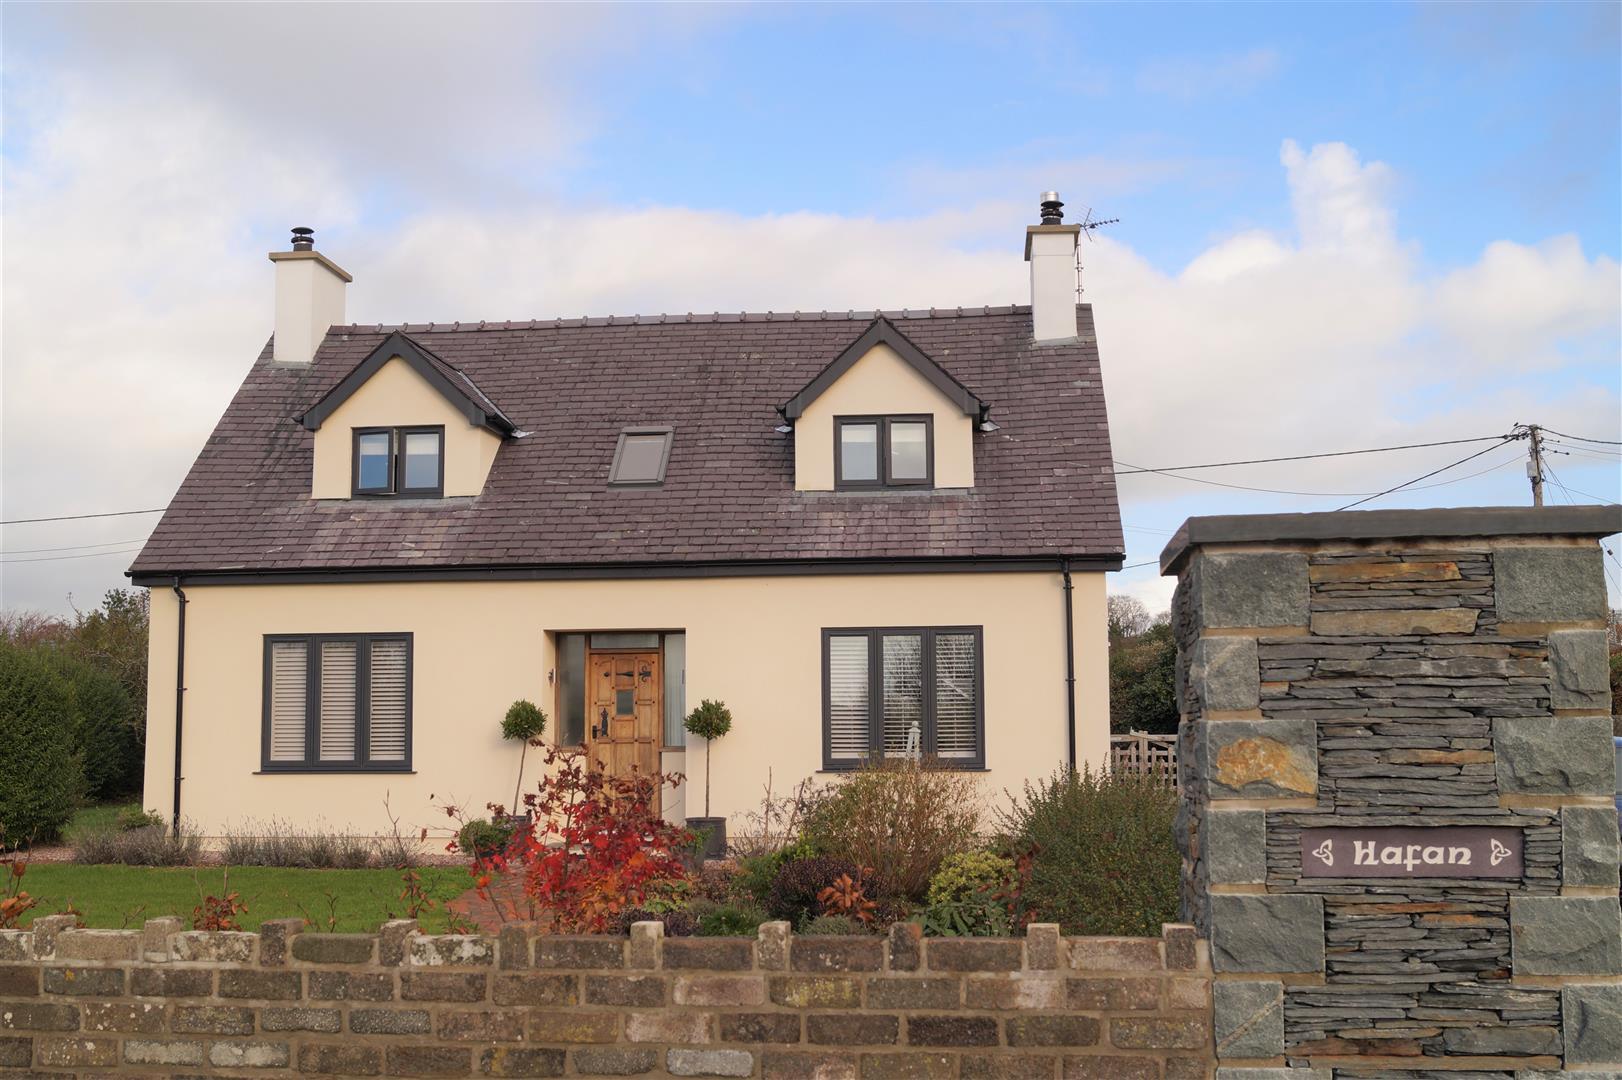 Efailnewydd, Pwllheli - £415,000